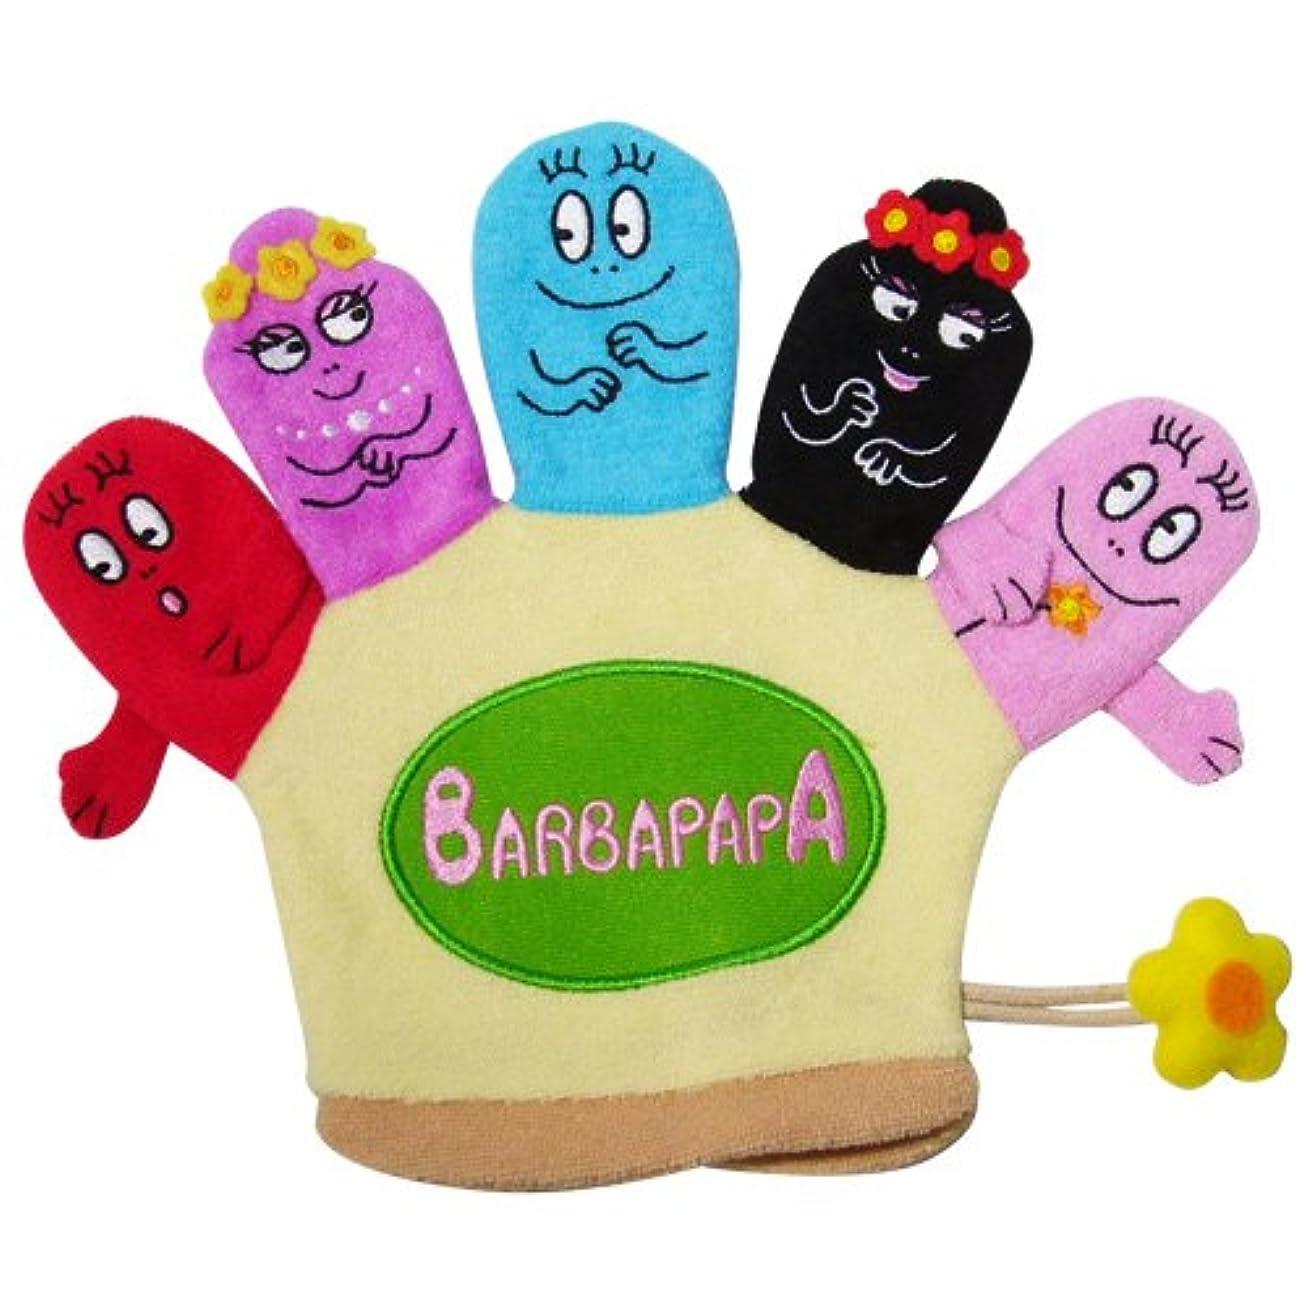 画像悩む防腐剤バーバパパ バススポンジ グローブ バスミトン ボディスポンジ BARBAPAPA